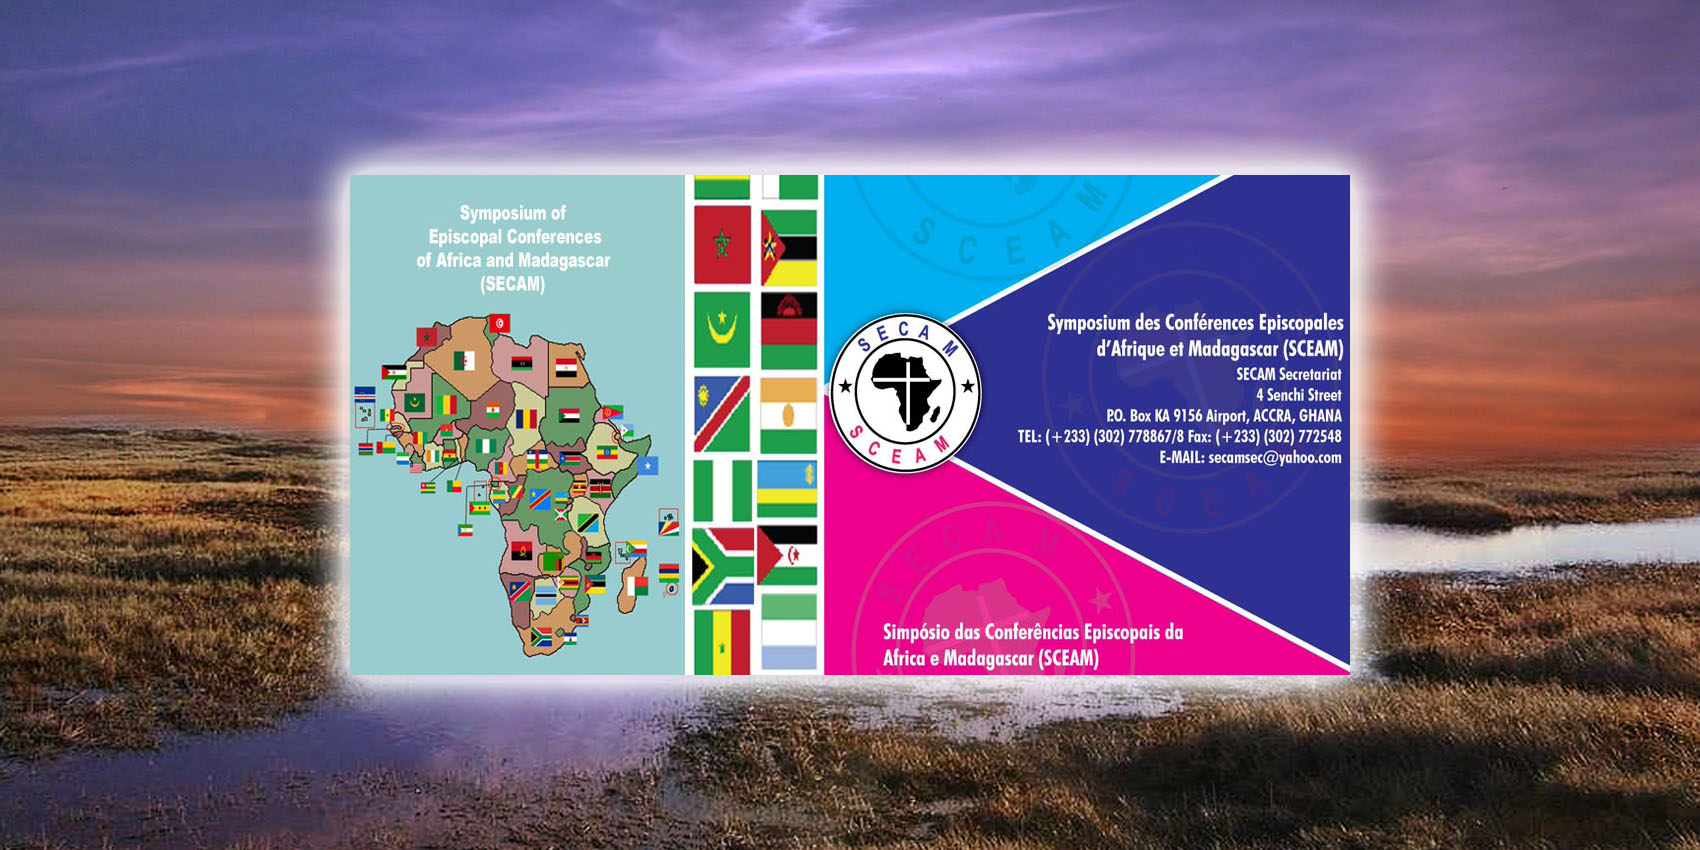 Selon le projet REDD+PAC qui cherche à identifier les projet REDD+ efficients, la déforestation passée dans le Bassin du Congo «a été principalement menée par la collecte de bois de chauffe pour la cuisson et l'agriculture de subsistance. L'agriculture itinérante est très répandue et résulte dans des paysages en mosaïque où les forêts à différents stades de croissance secondaire dominent. Toutefois, cette situation qui se caractérise historiquement par de faibles taux de déforestation est sans doute susceptible de changer à cause des pressions croissantes de différents acteurs, y compris le développement d'infrastructures routières, de l'agro-industrie, du pétrole et de l'extraction minière, des exportations de bois, et de la croissance de la population.»